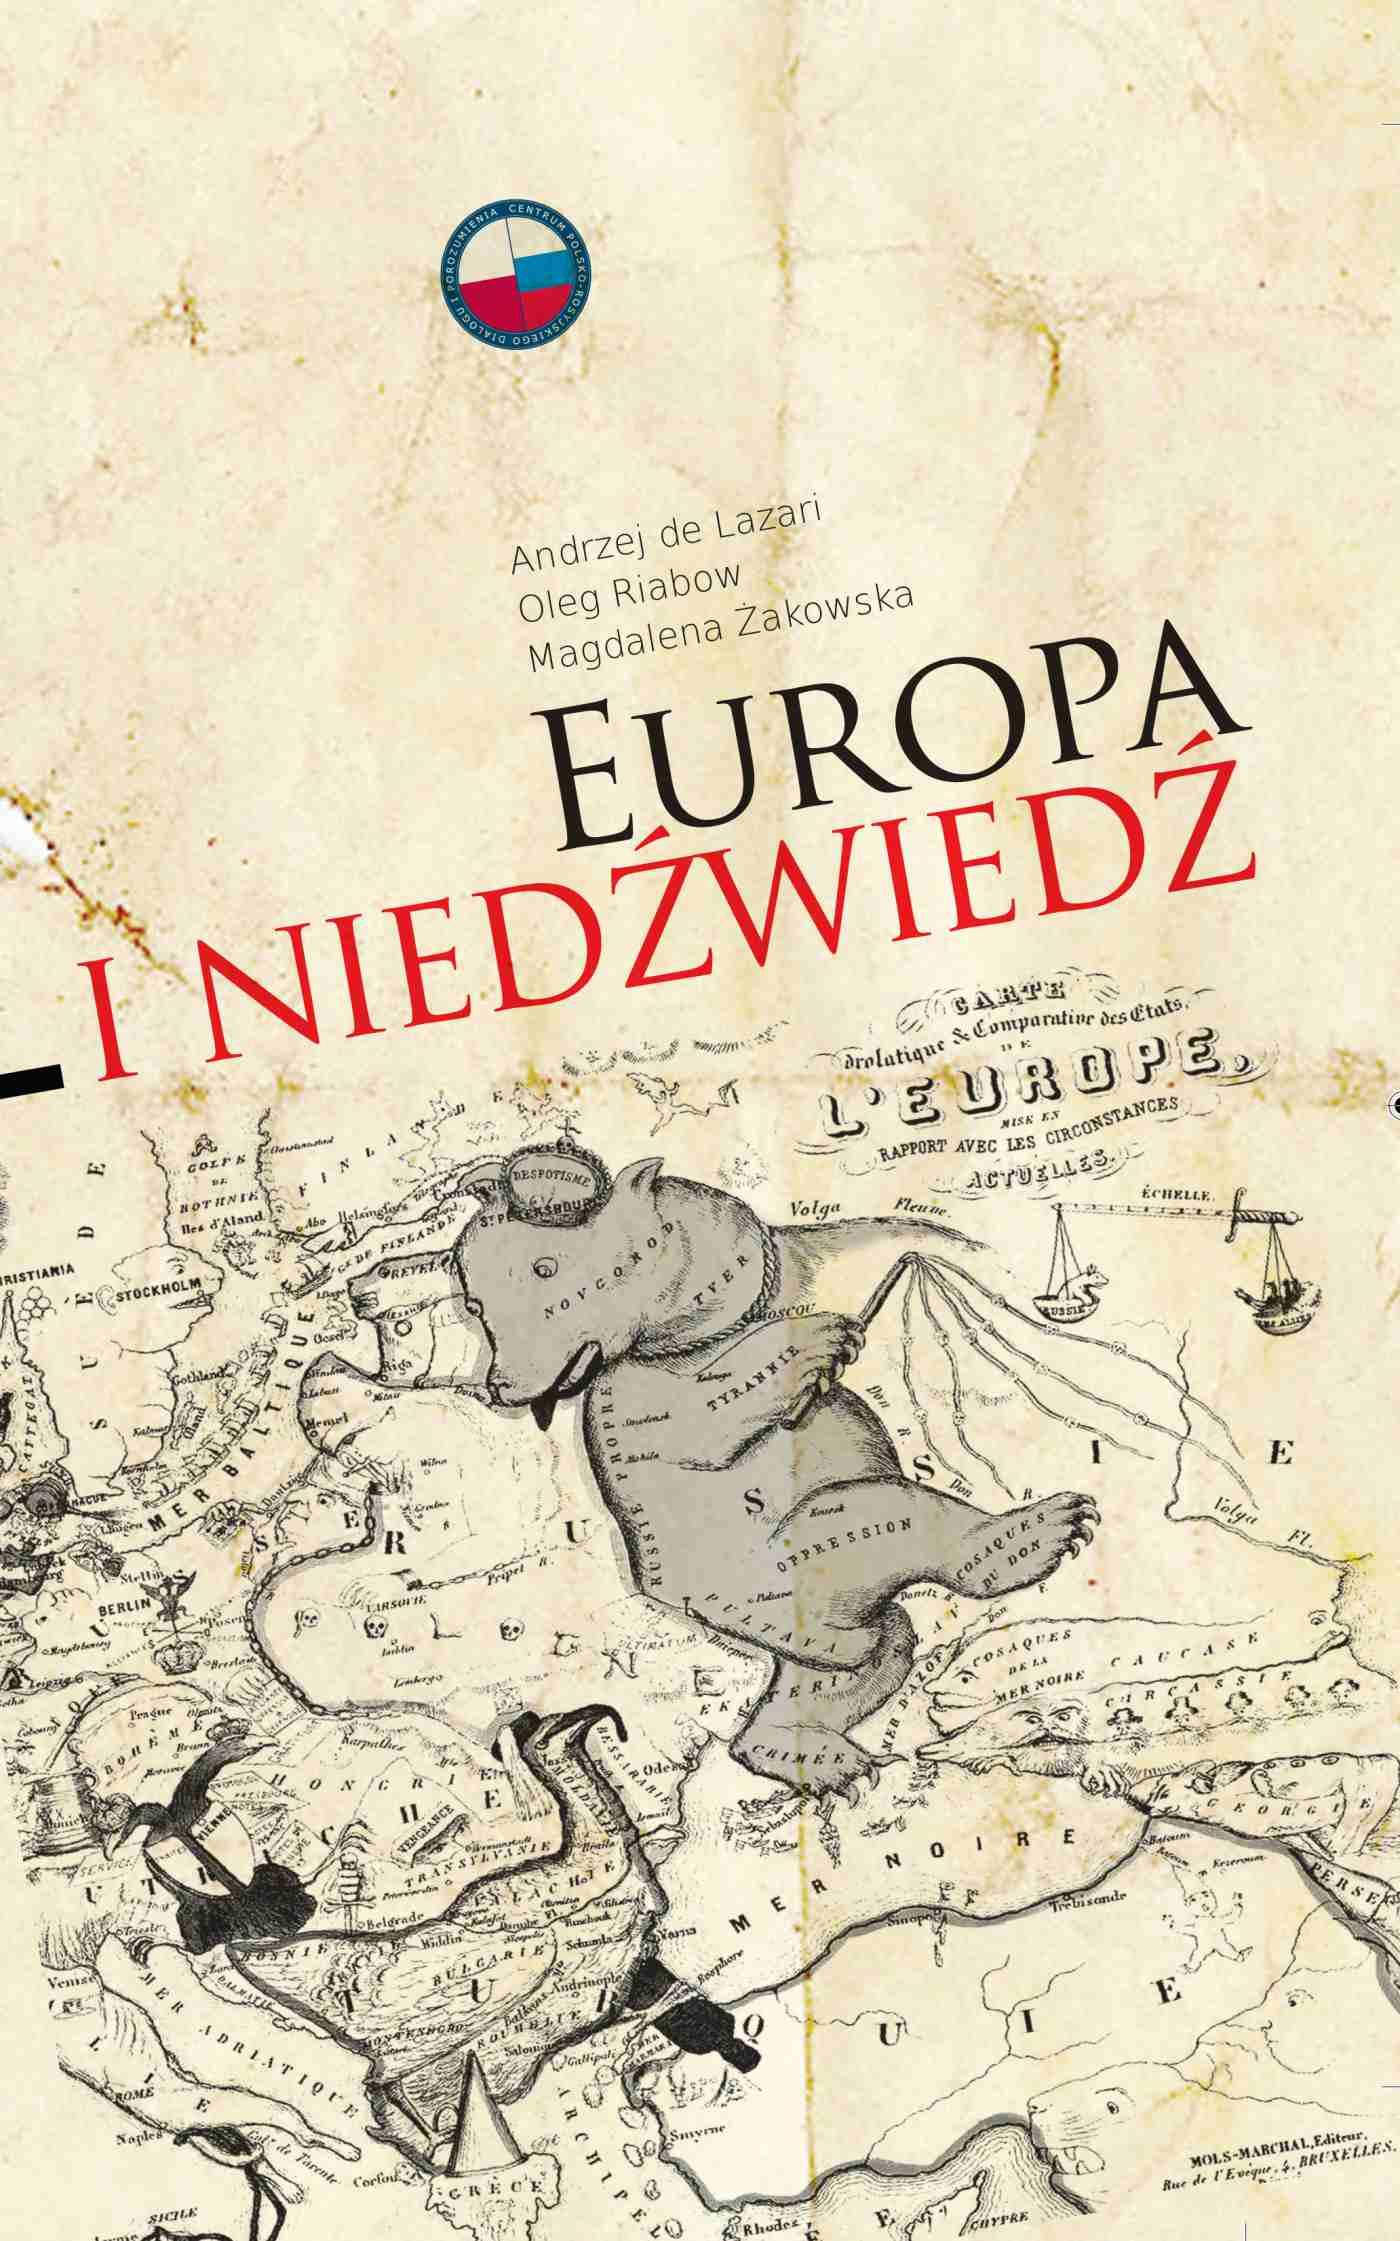 Europa i Niedźwiedź - Ebook (Książka na Kindle) do pobrania w formacie MOBI